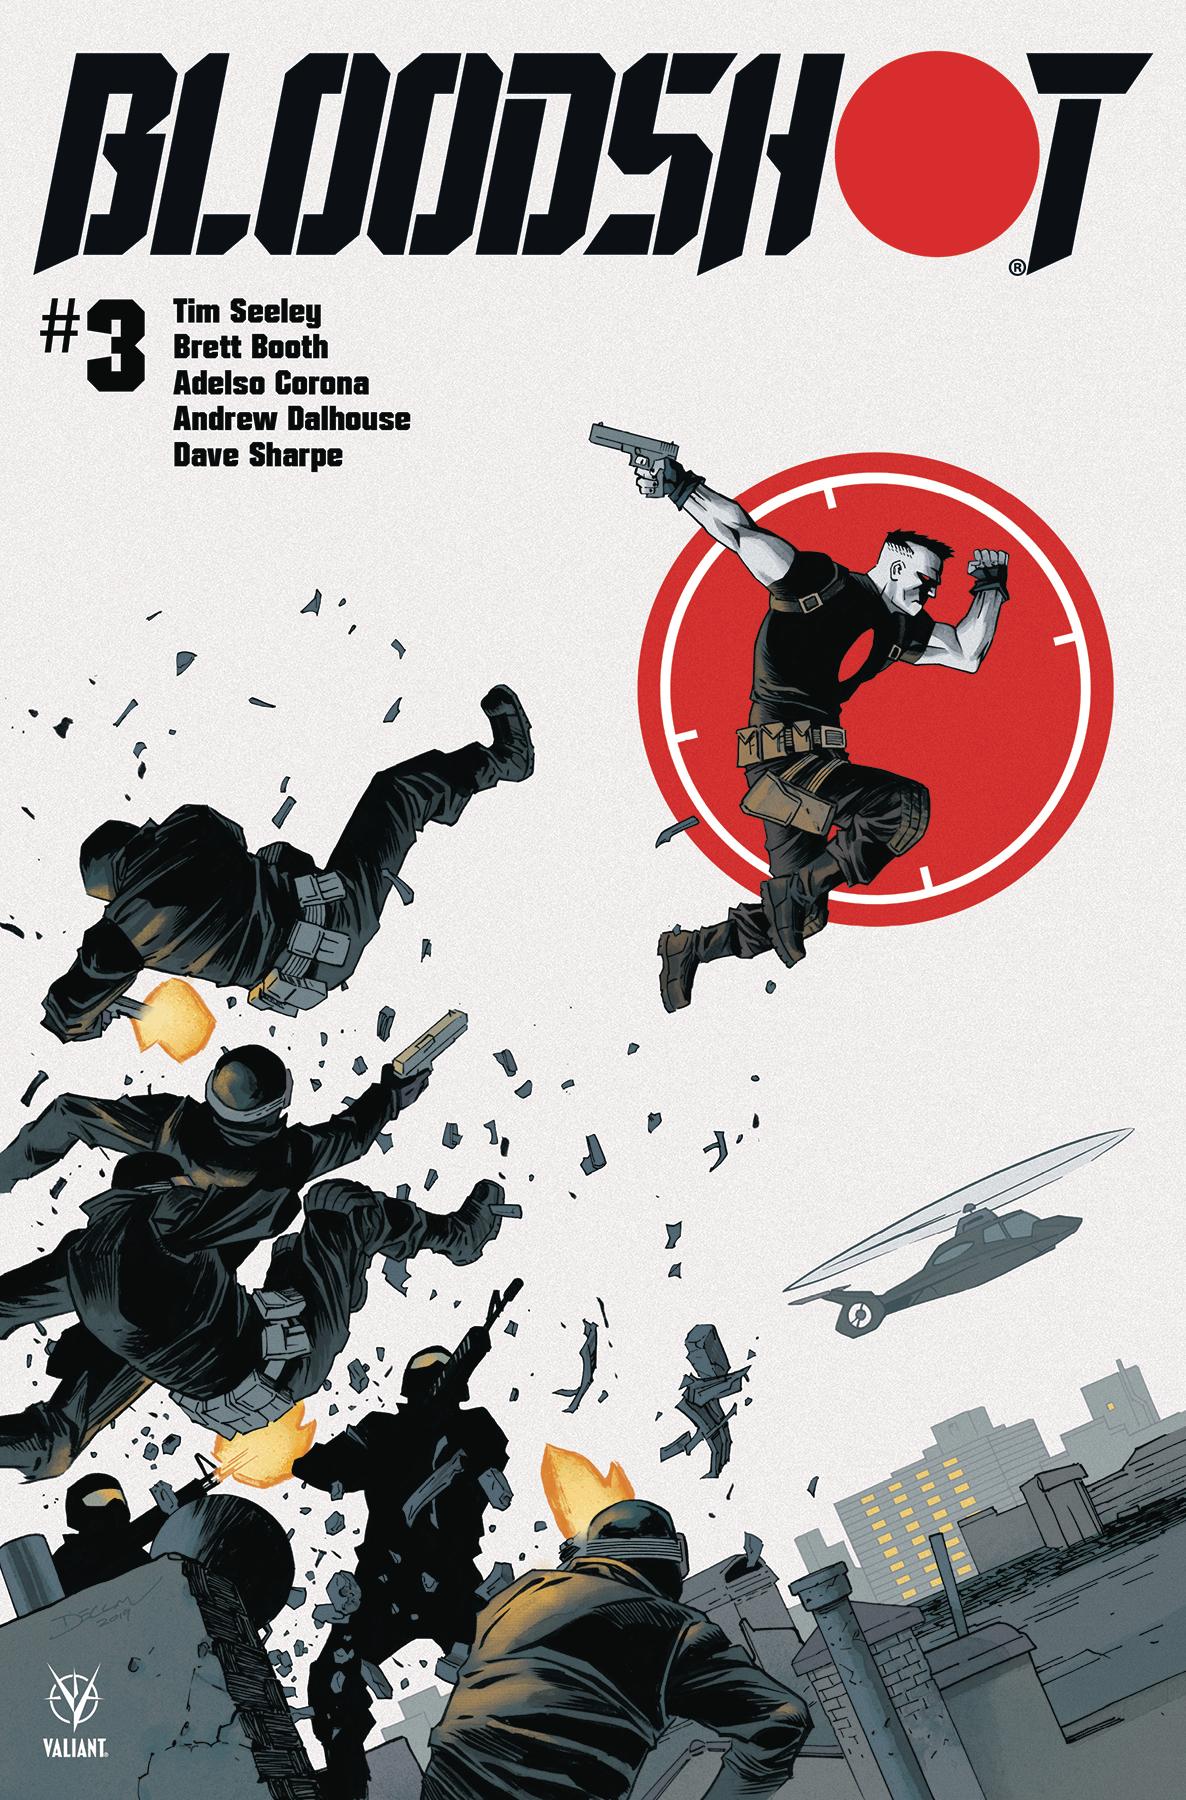 Bloodshot #3, Valiant